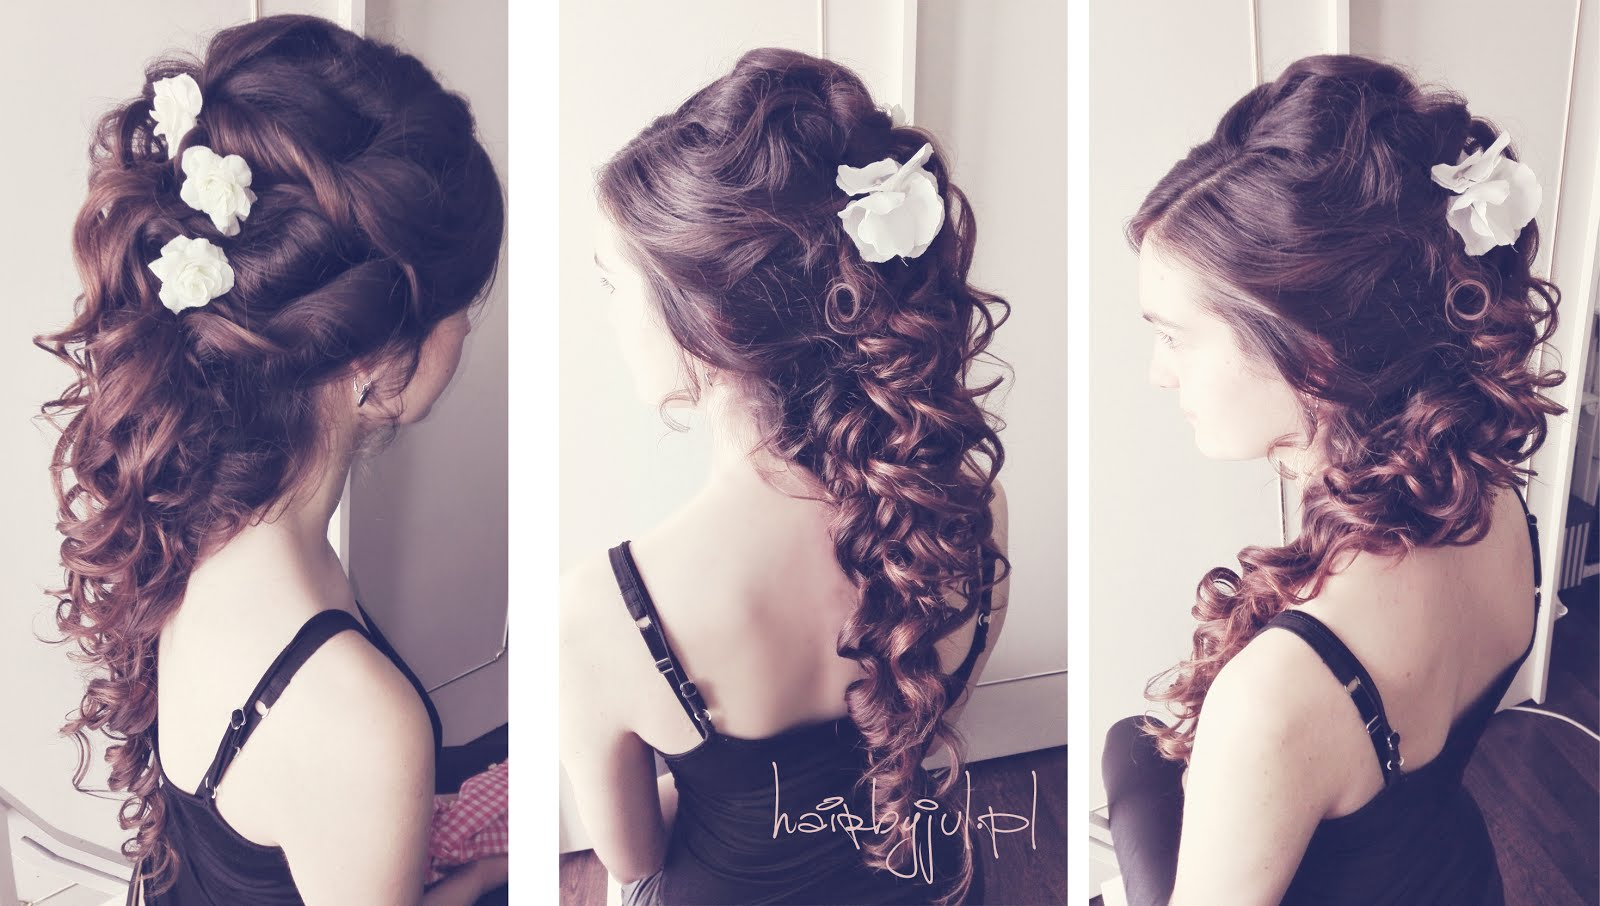 Romantyczne Fryzury ślubne Upięcia Dużo Zdjęć Hair By Jul